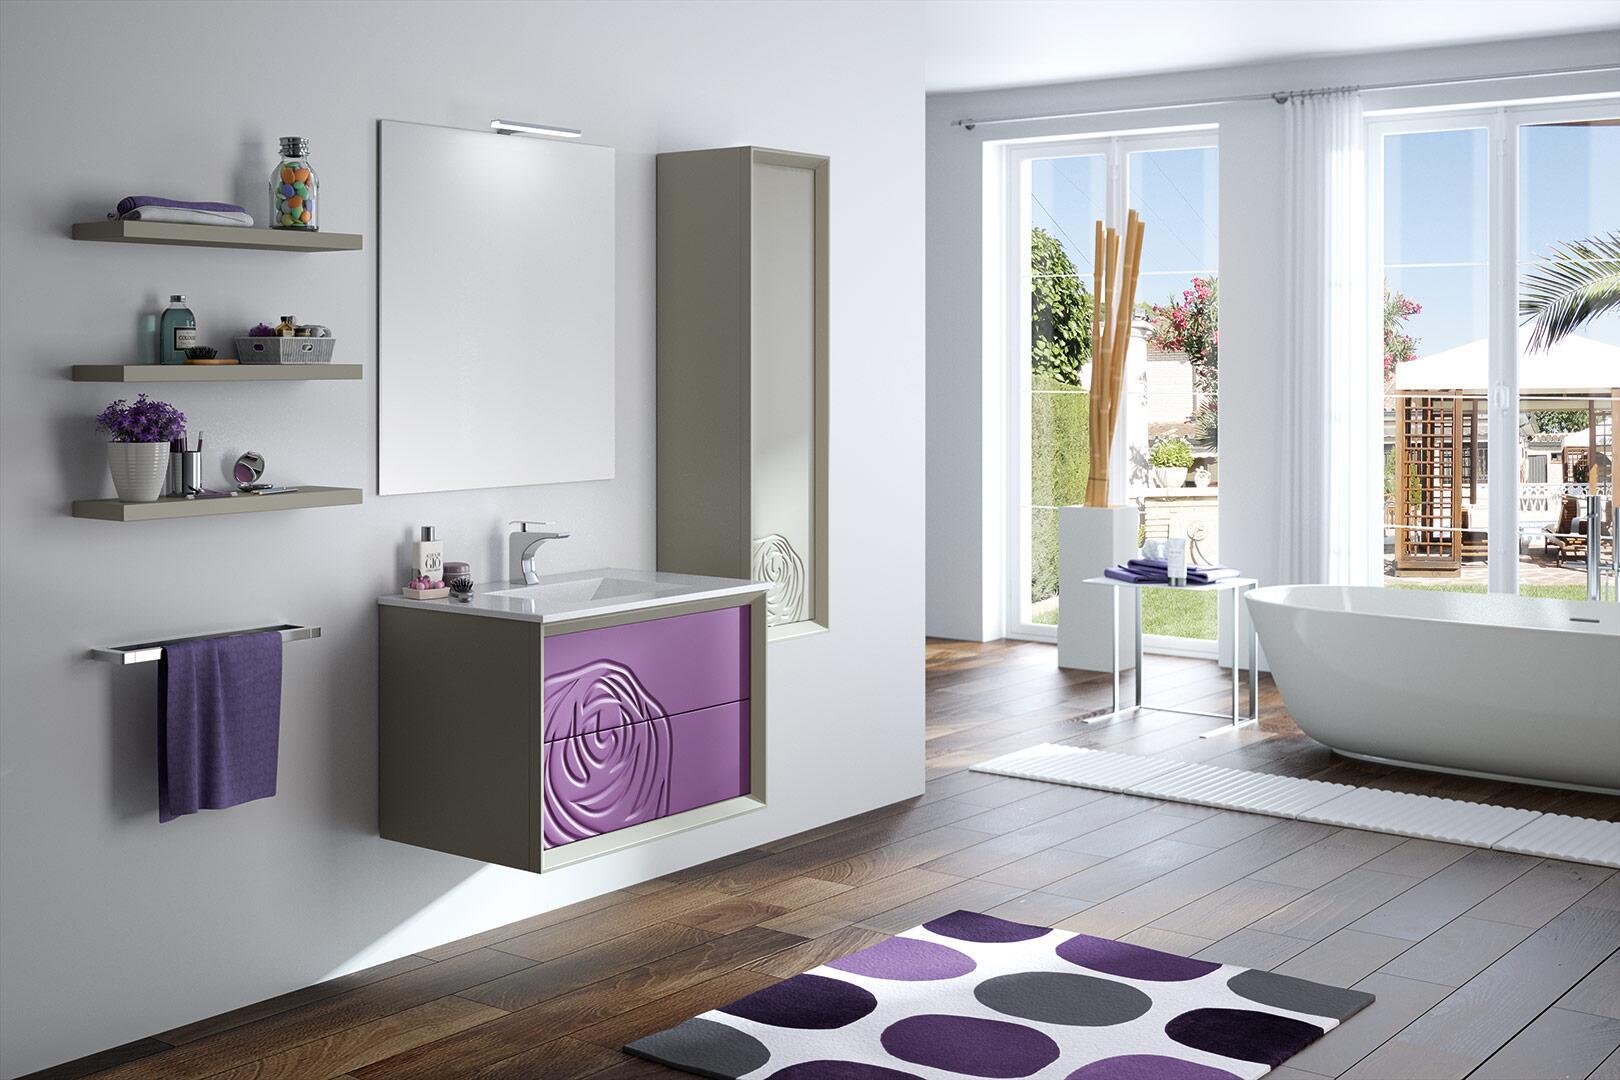 Accesorios baño color berenjena: salas en color violeta colores ...